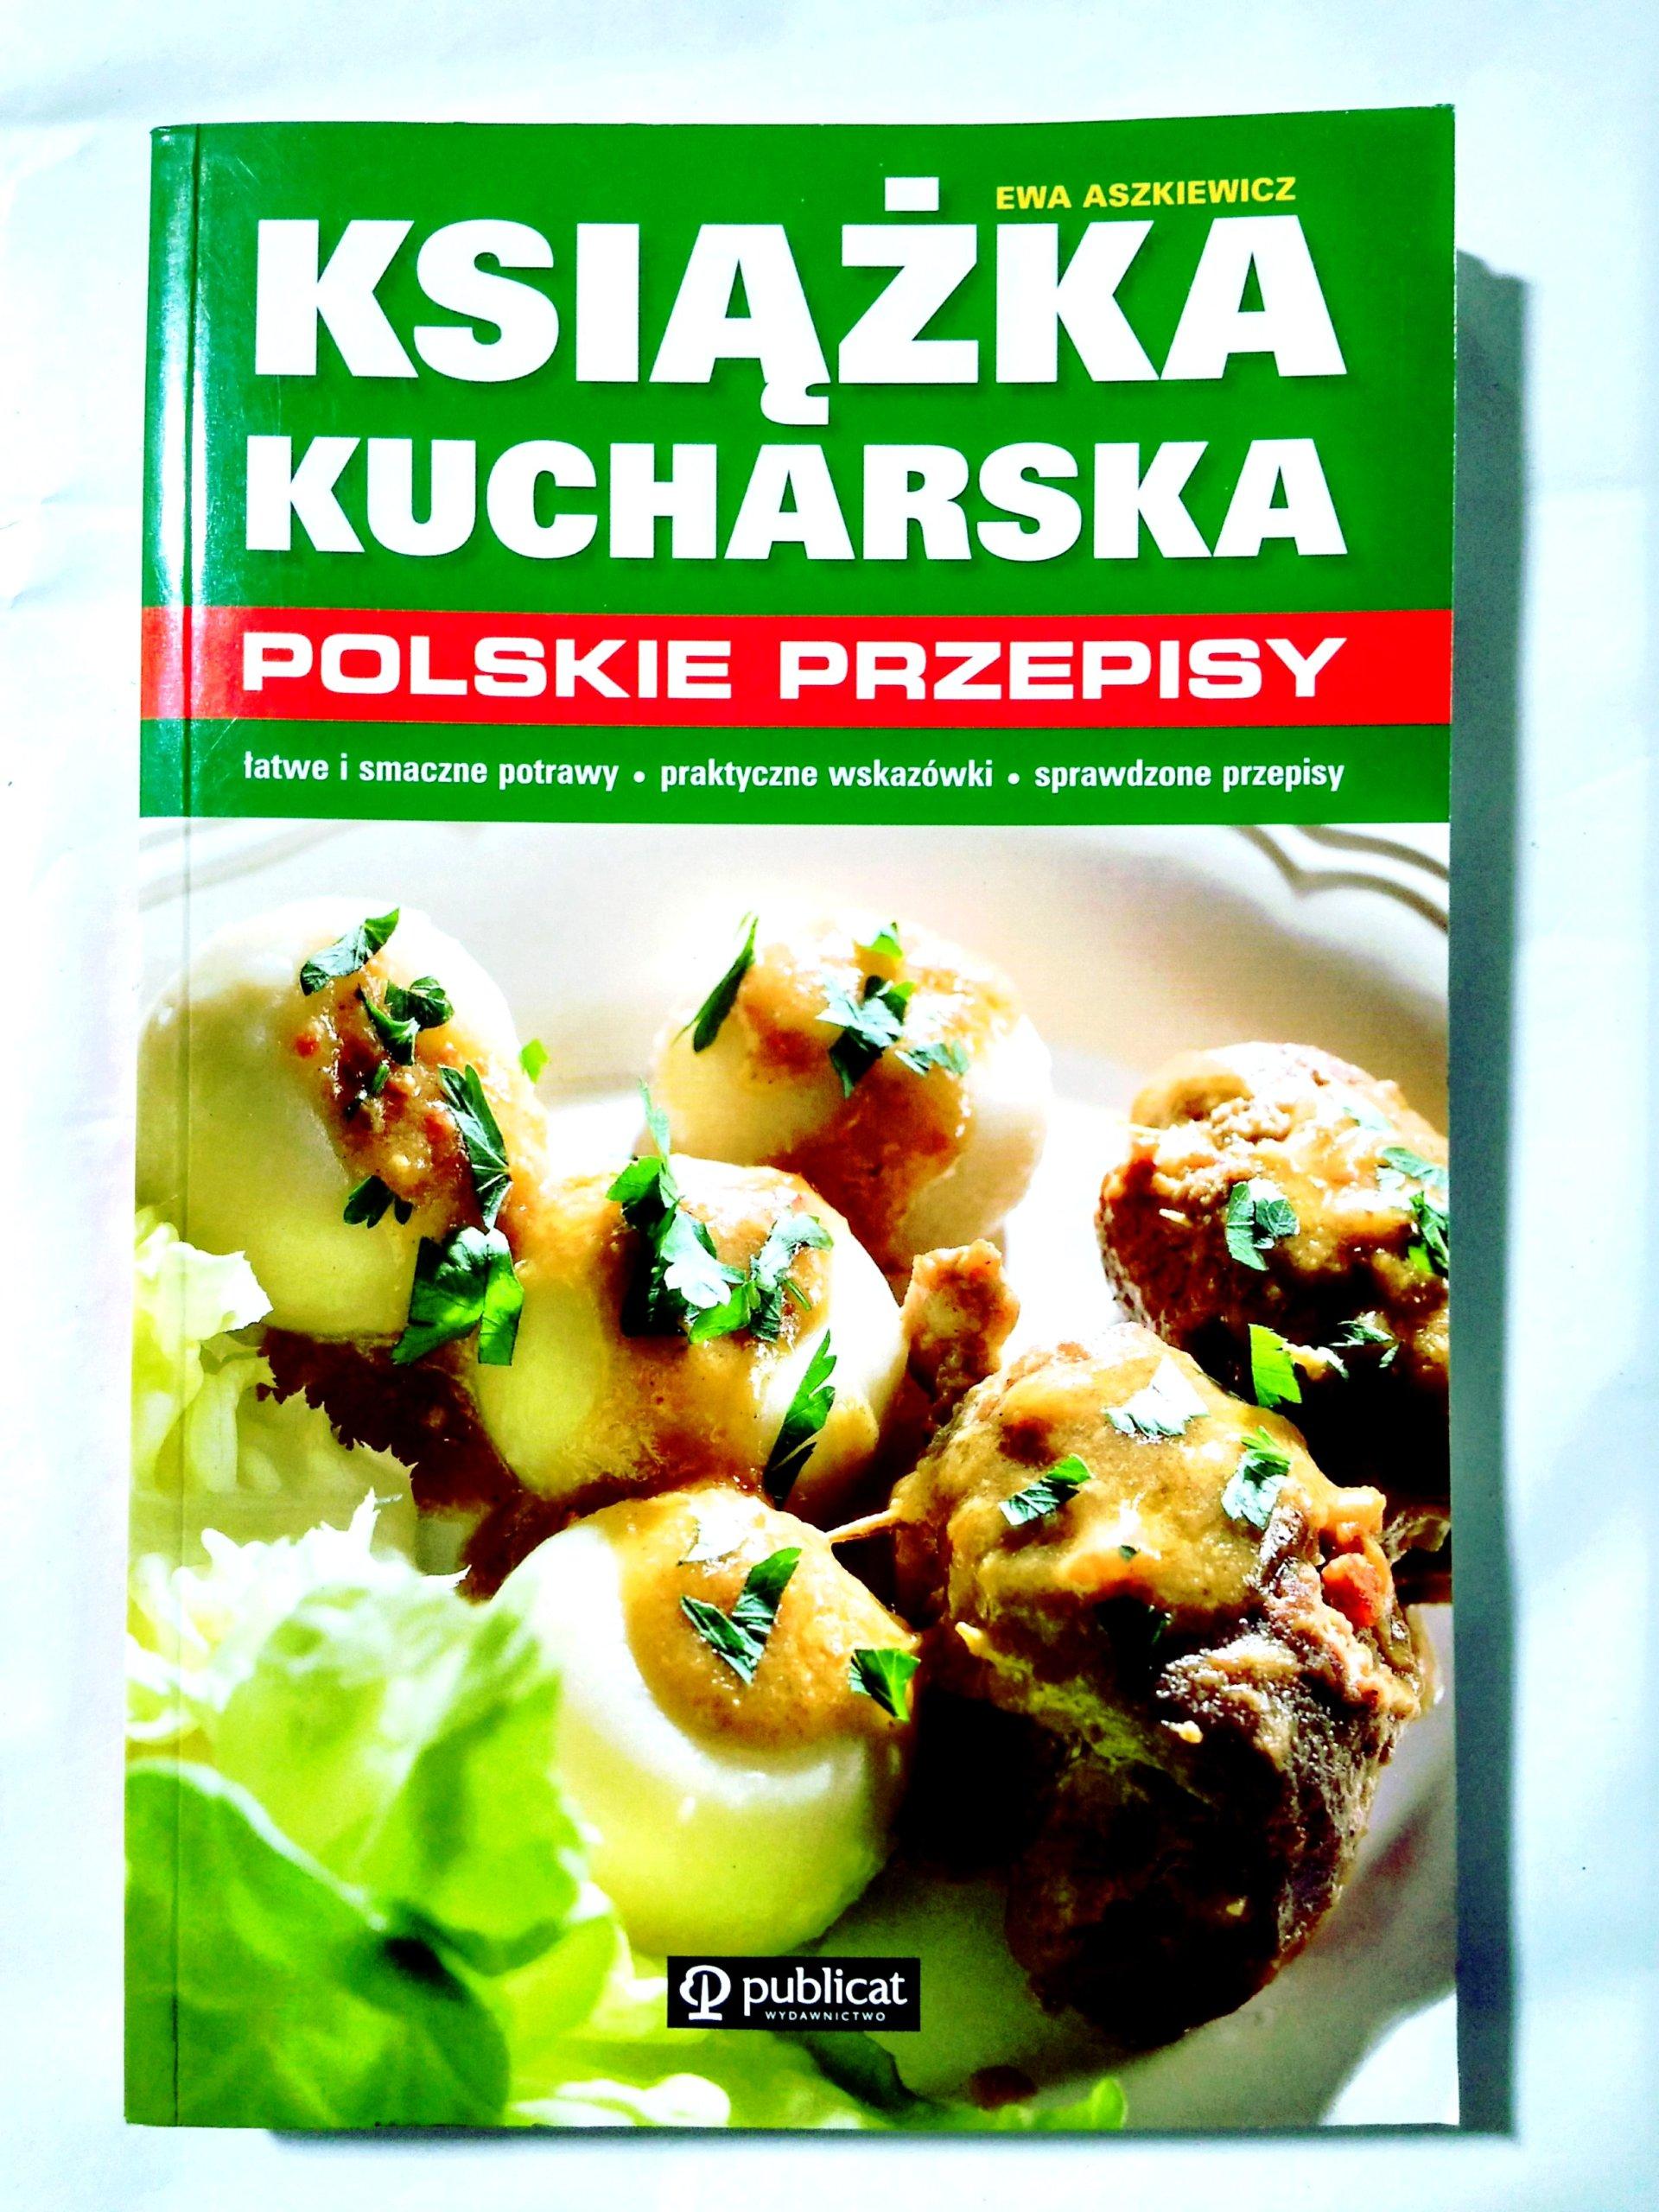 Ewa Aszkiewicz Książka Kucharska Polskie Przepisy